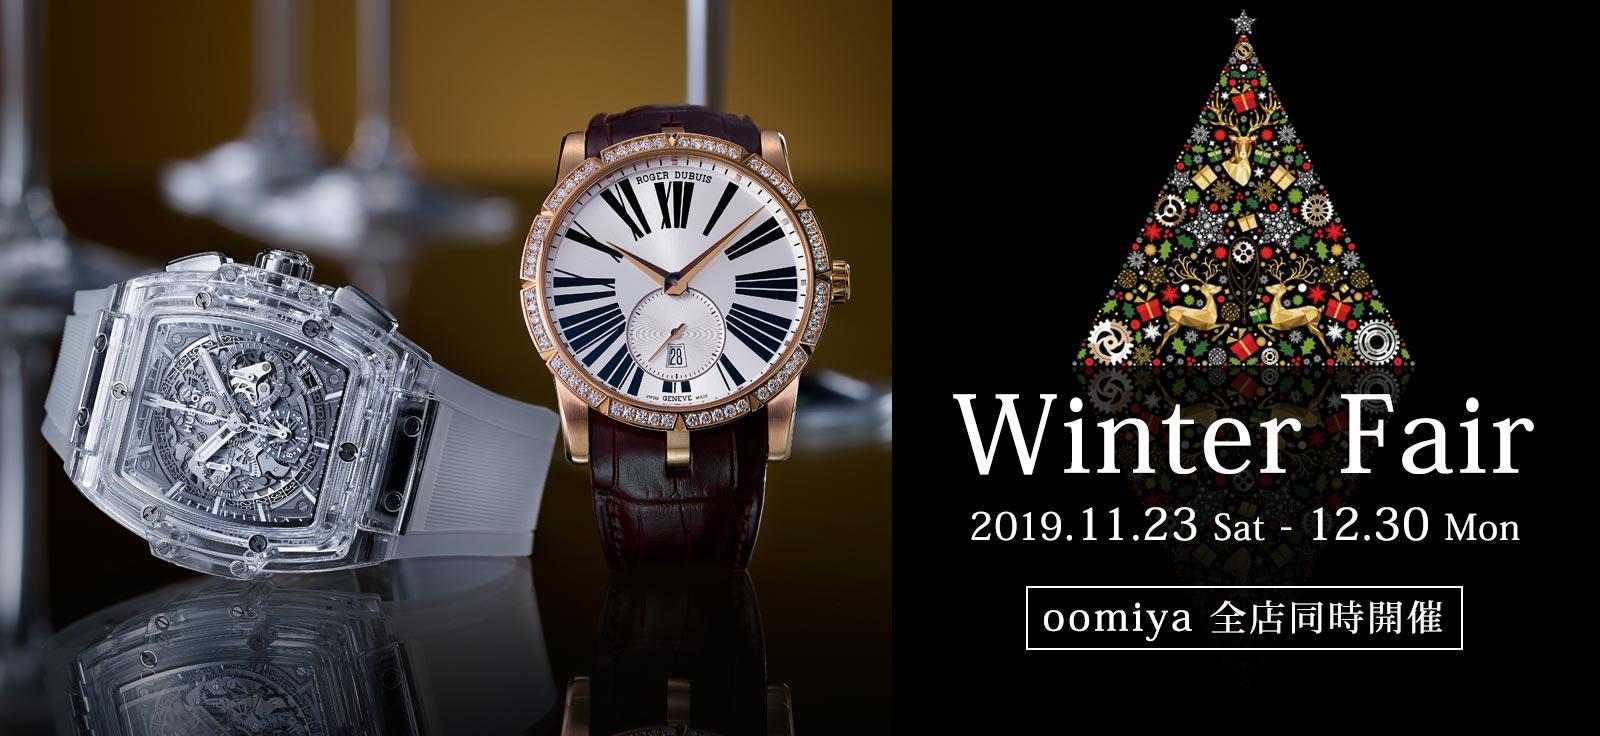 Winter Fair 2019 [ウィンターフェア]|oomiya全店同時開催